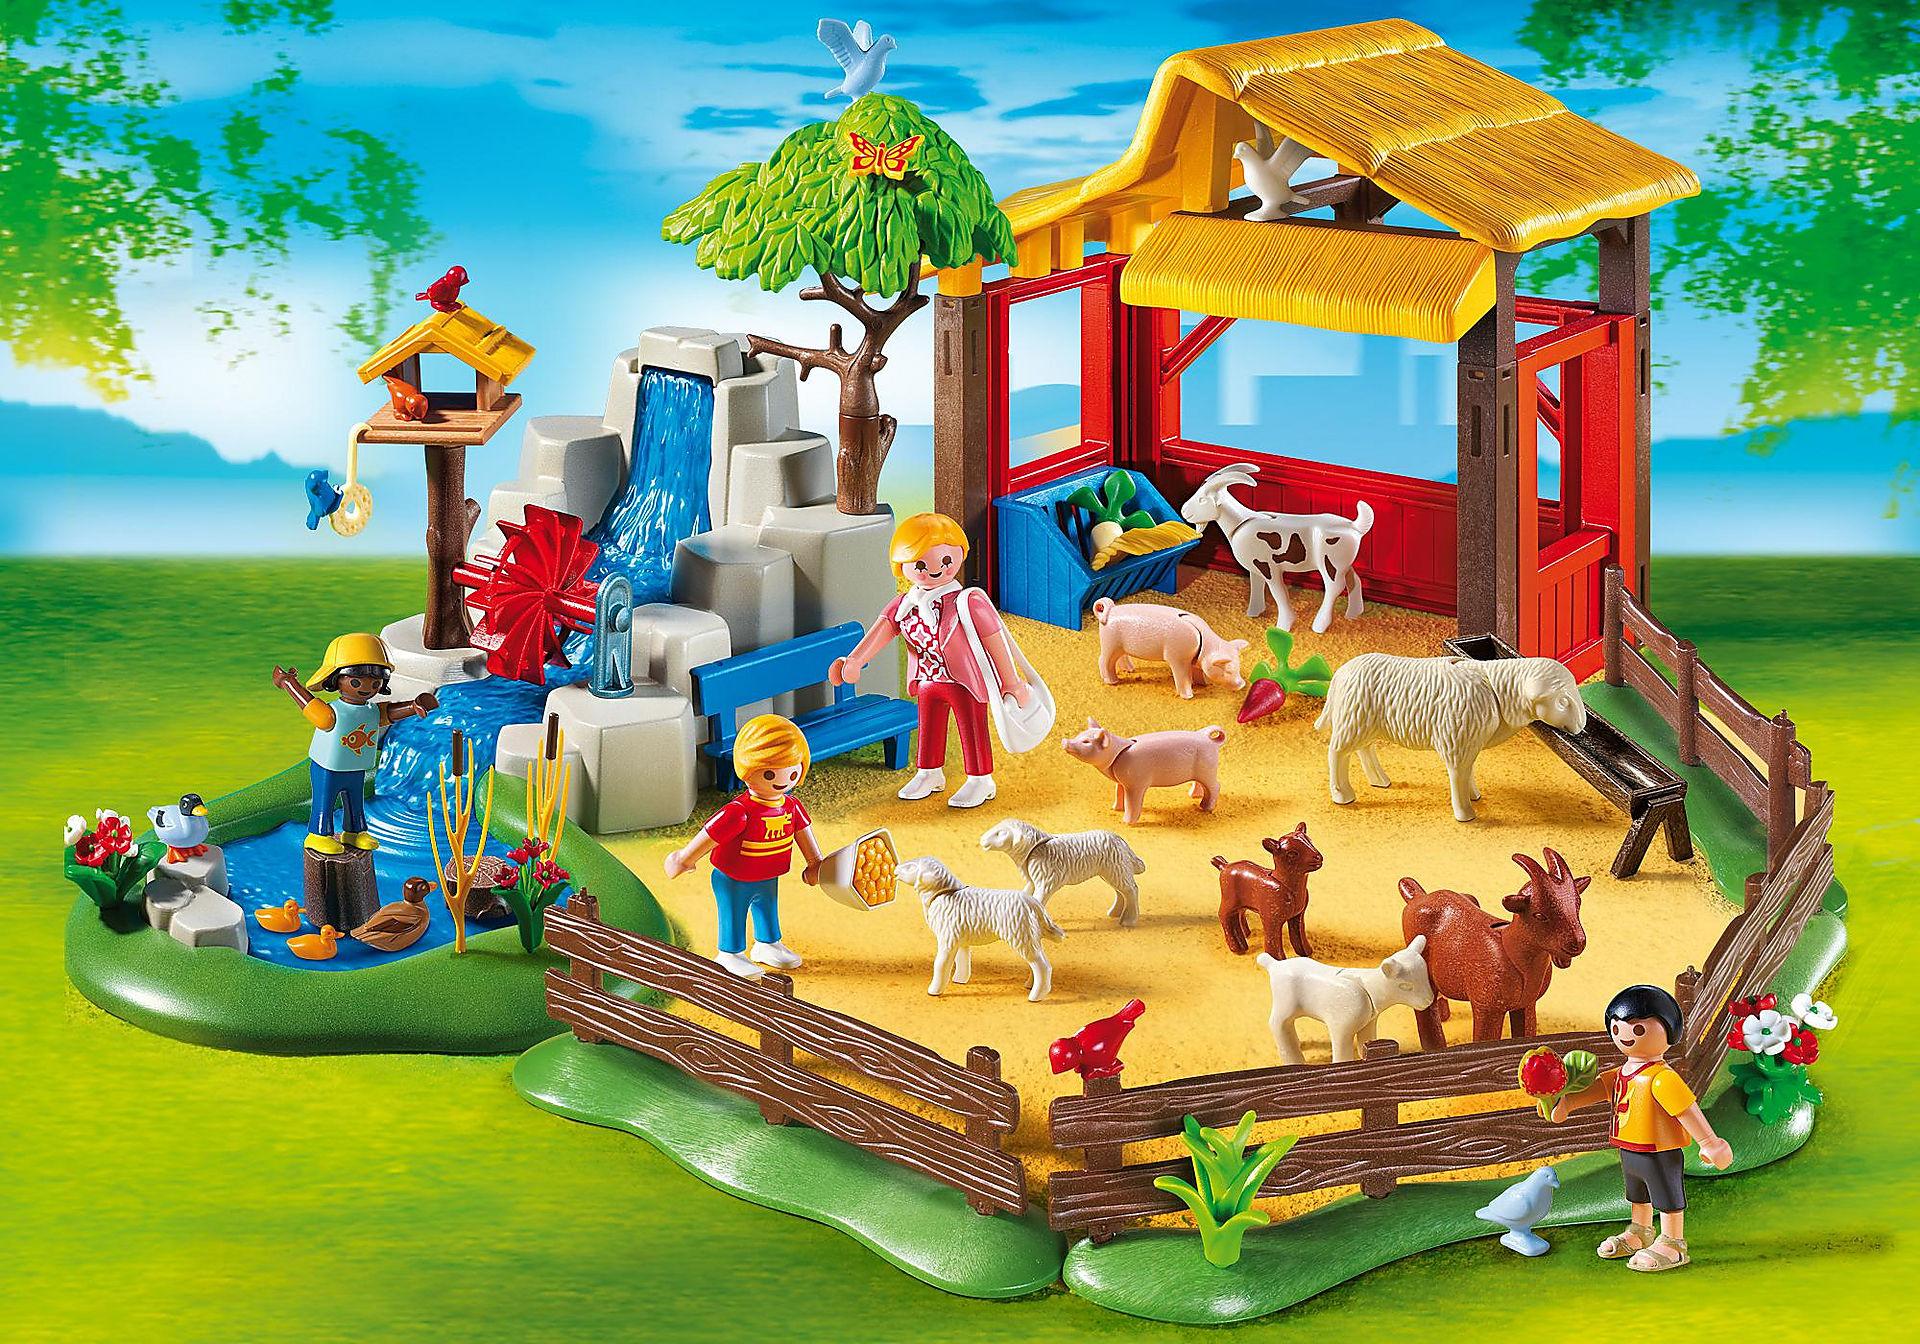 4851 Parc animalier avec famille zoom image1